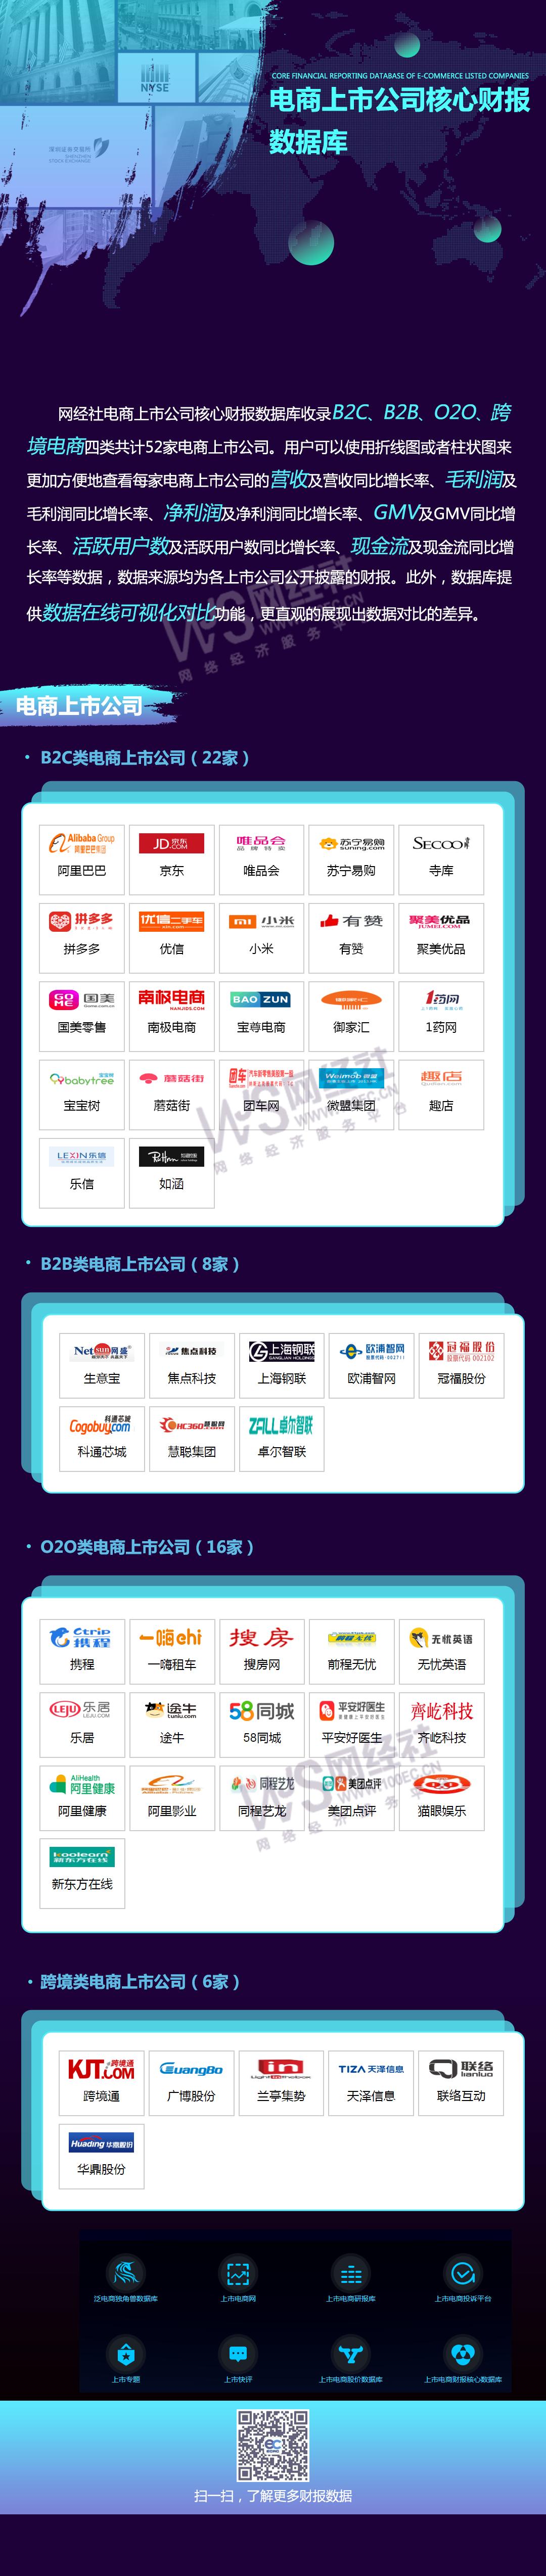 电商上市公司核心财报微信长图(8).png